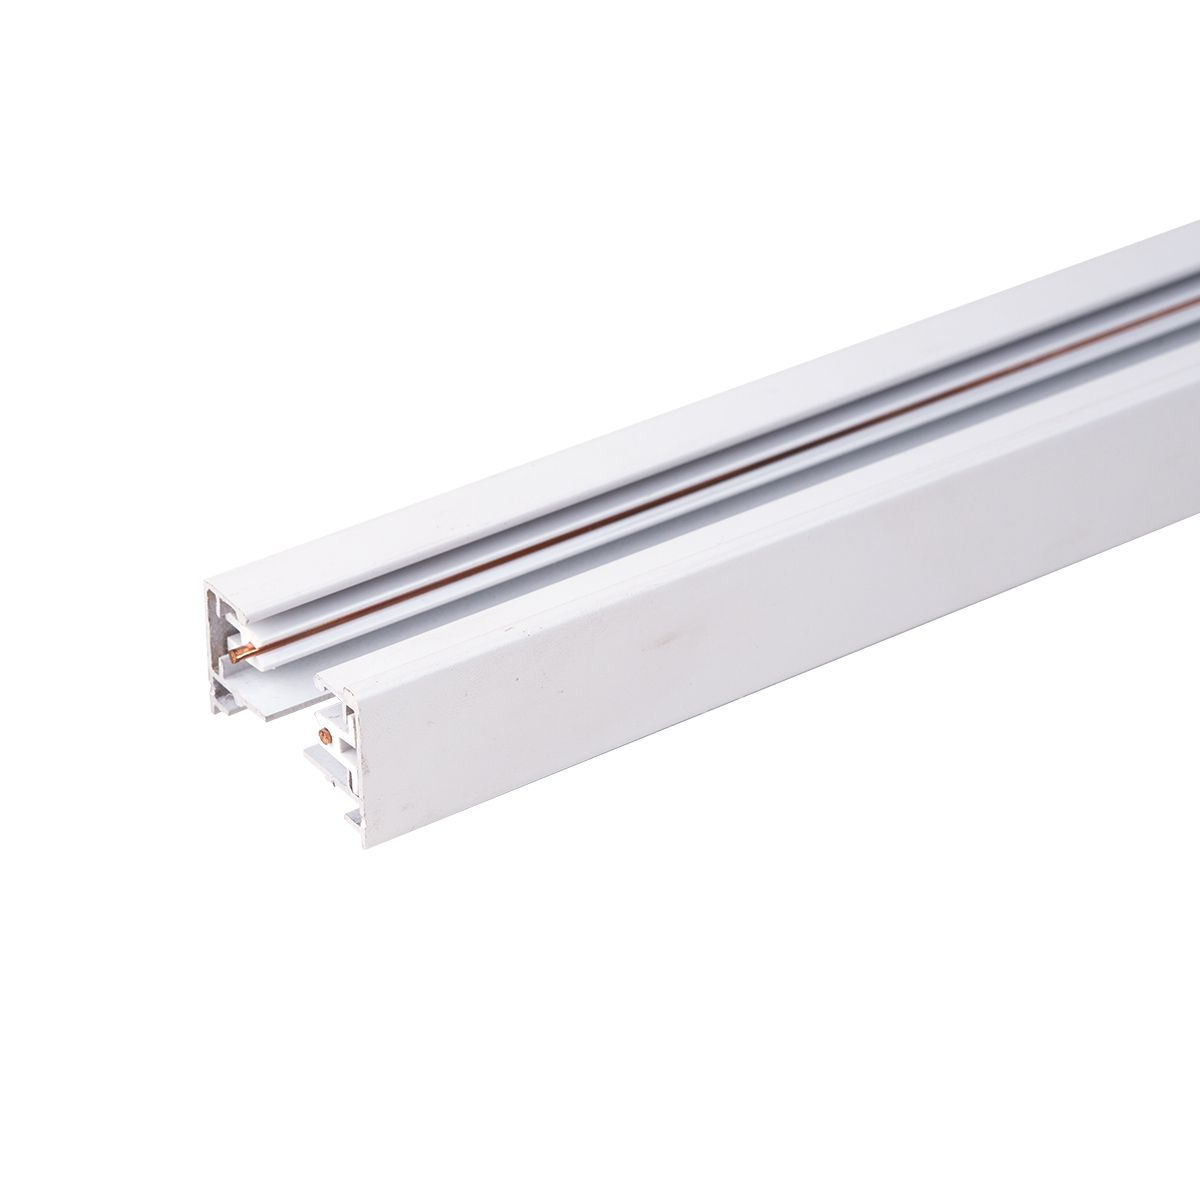 Однофазный шинопровод 2 метра белый (с вводом питания и заглушкой) TRL-1-1-200-WH